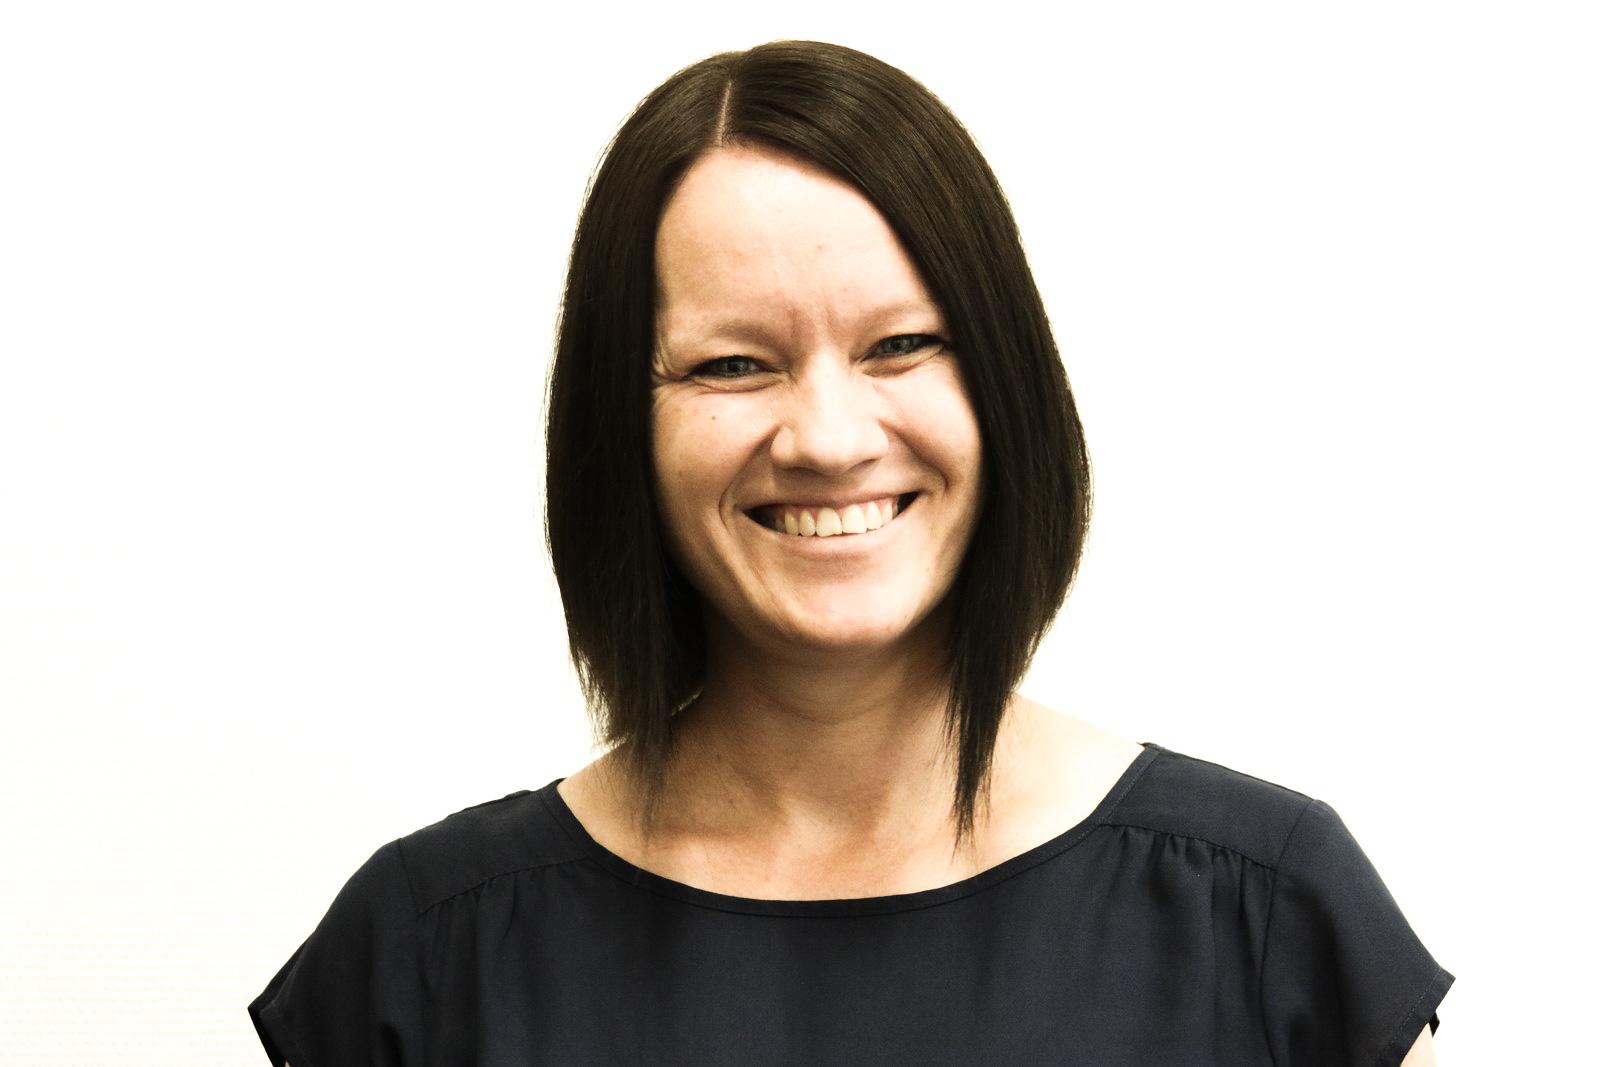 Nadja Peek - braune kurze Haare, lächelt in die Kamera, steht vor weißem Hintergrund